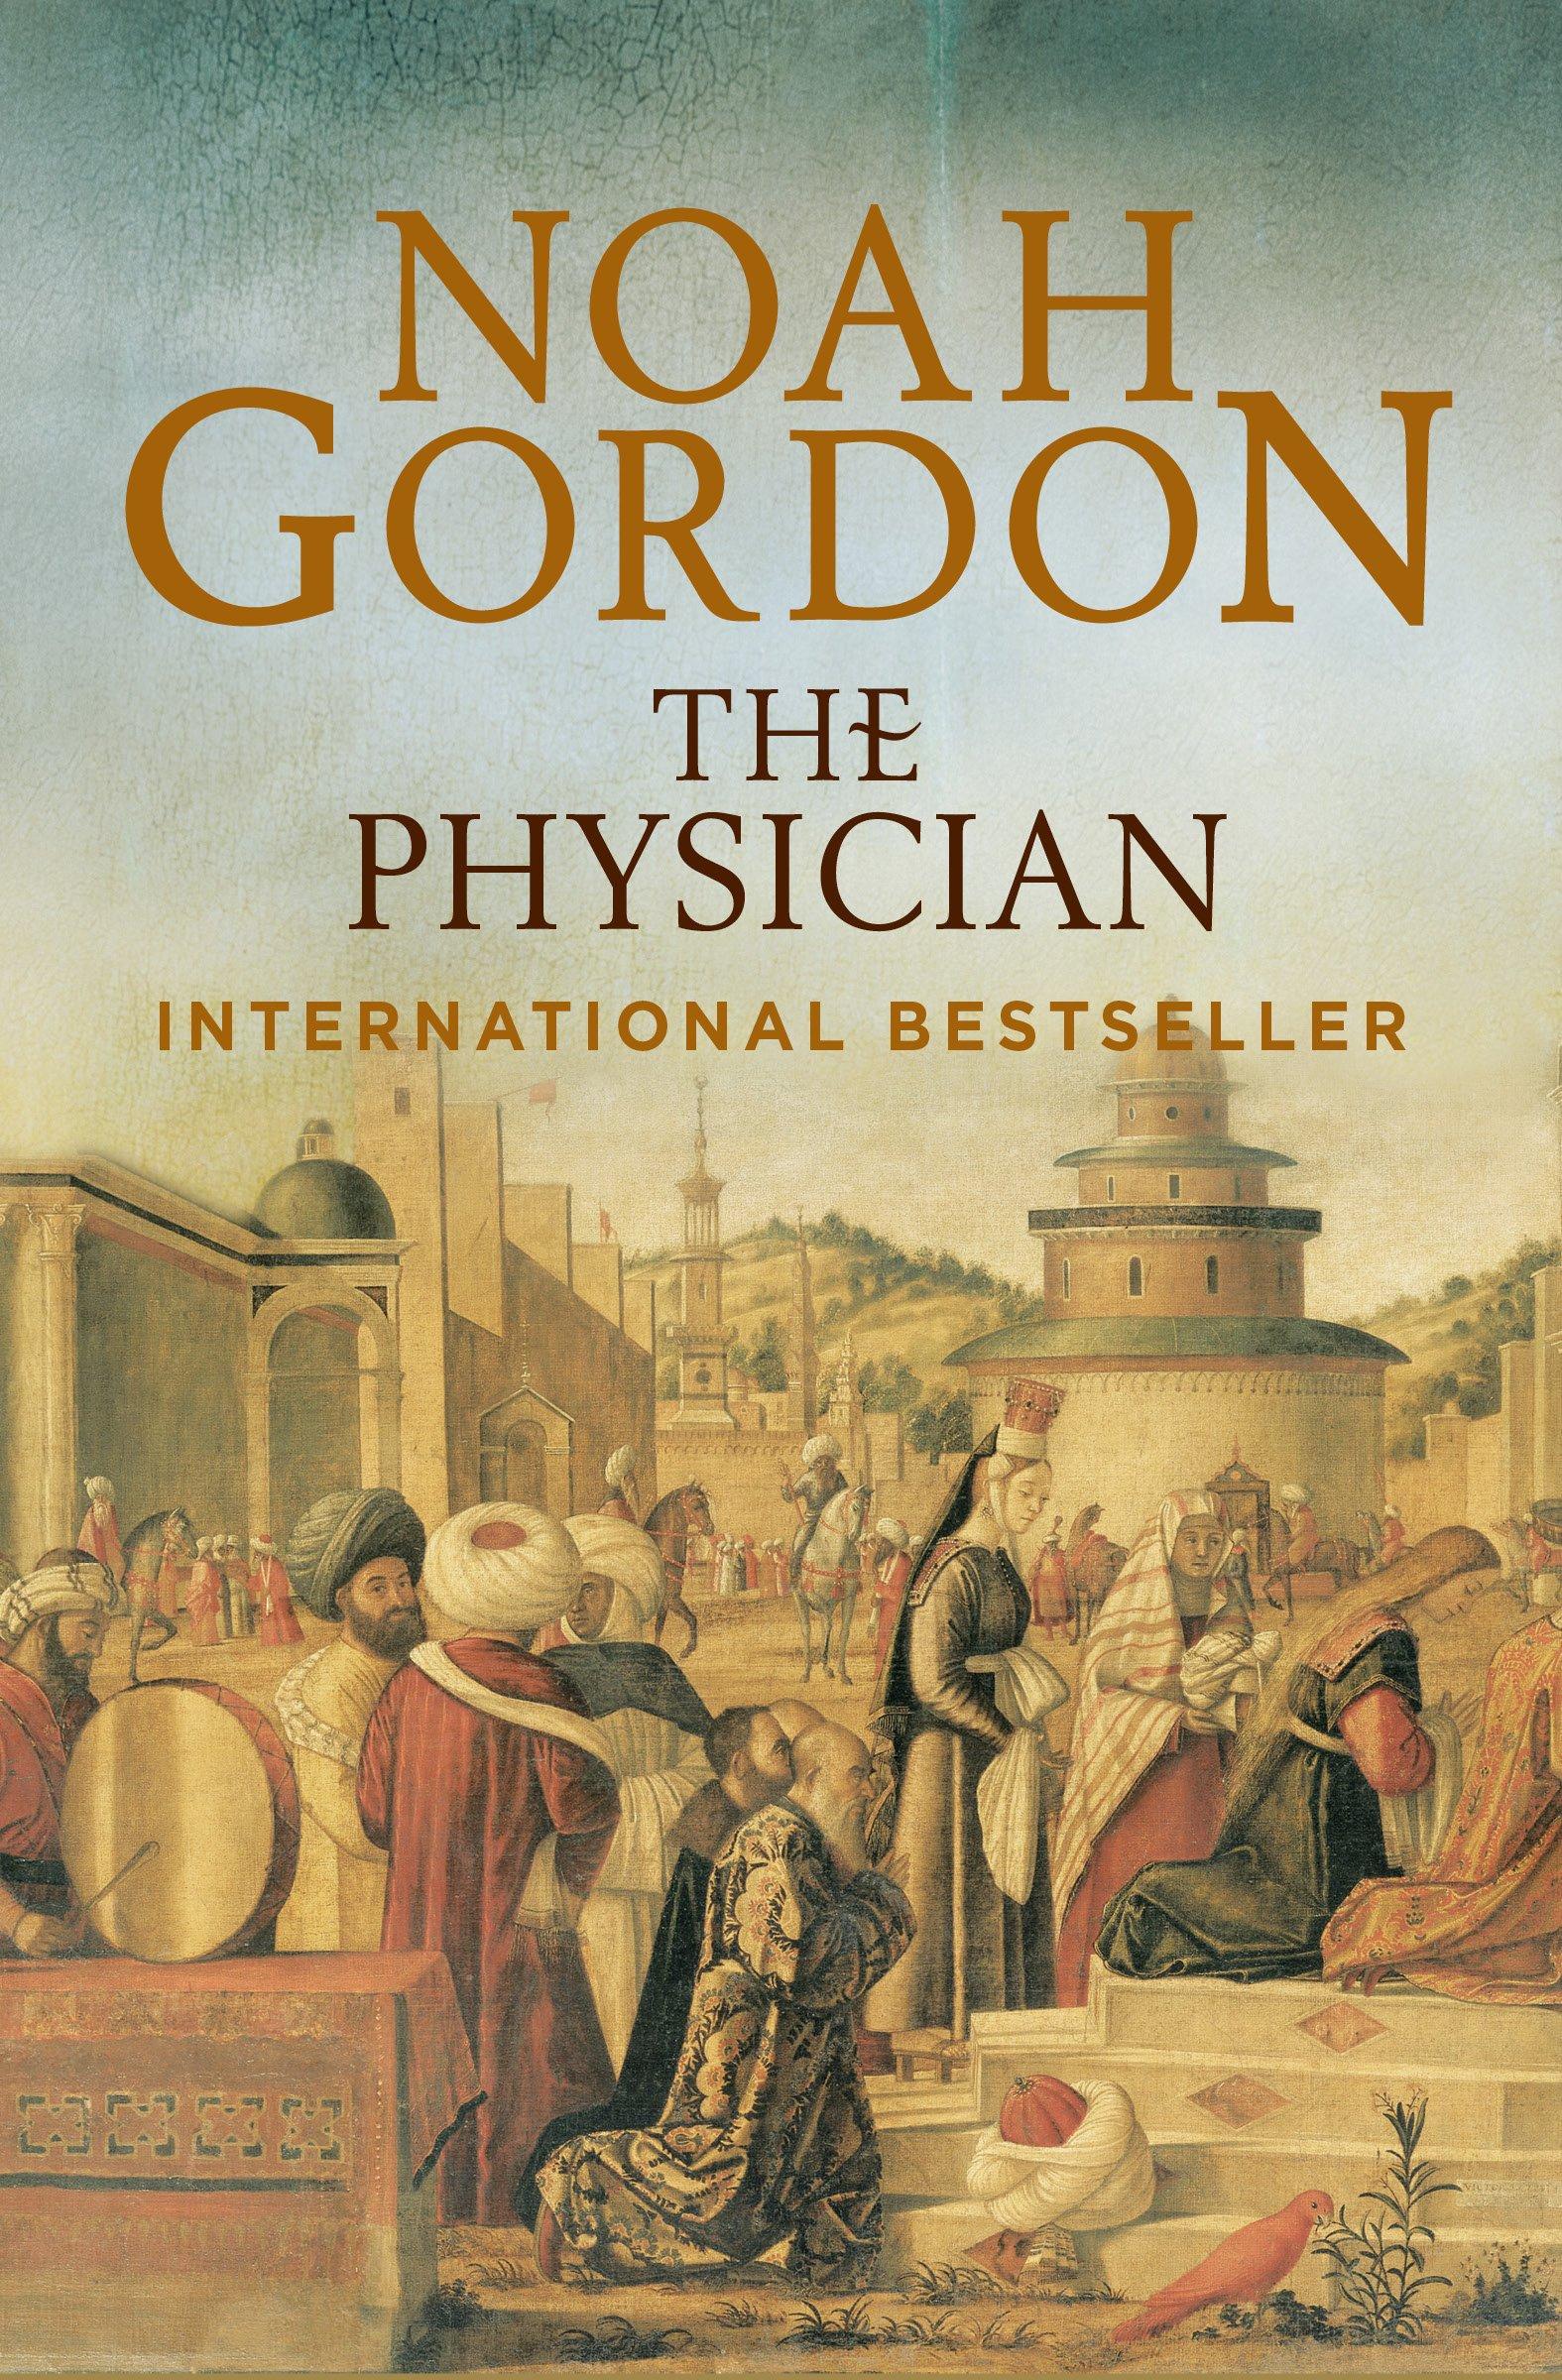 the physician noah gordon